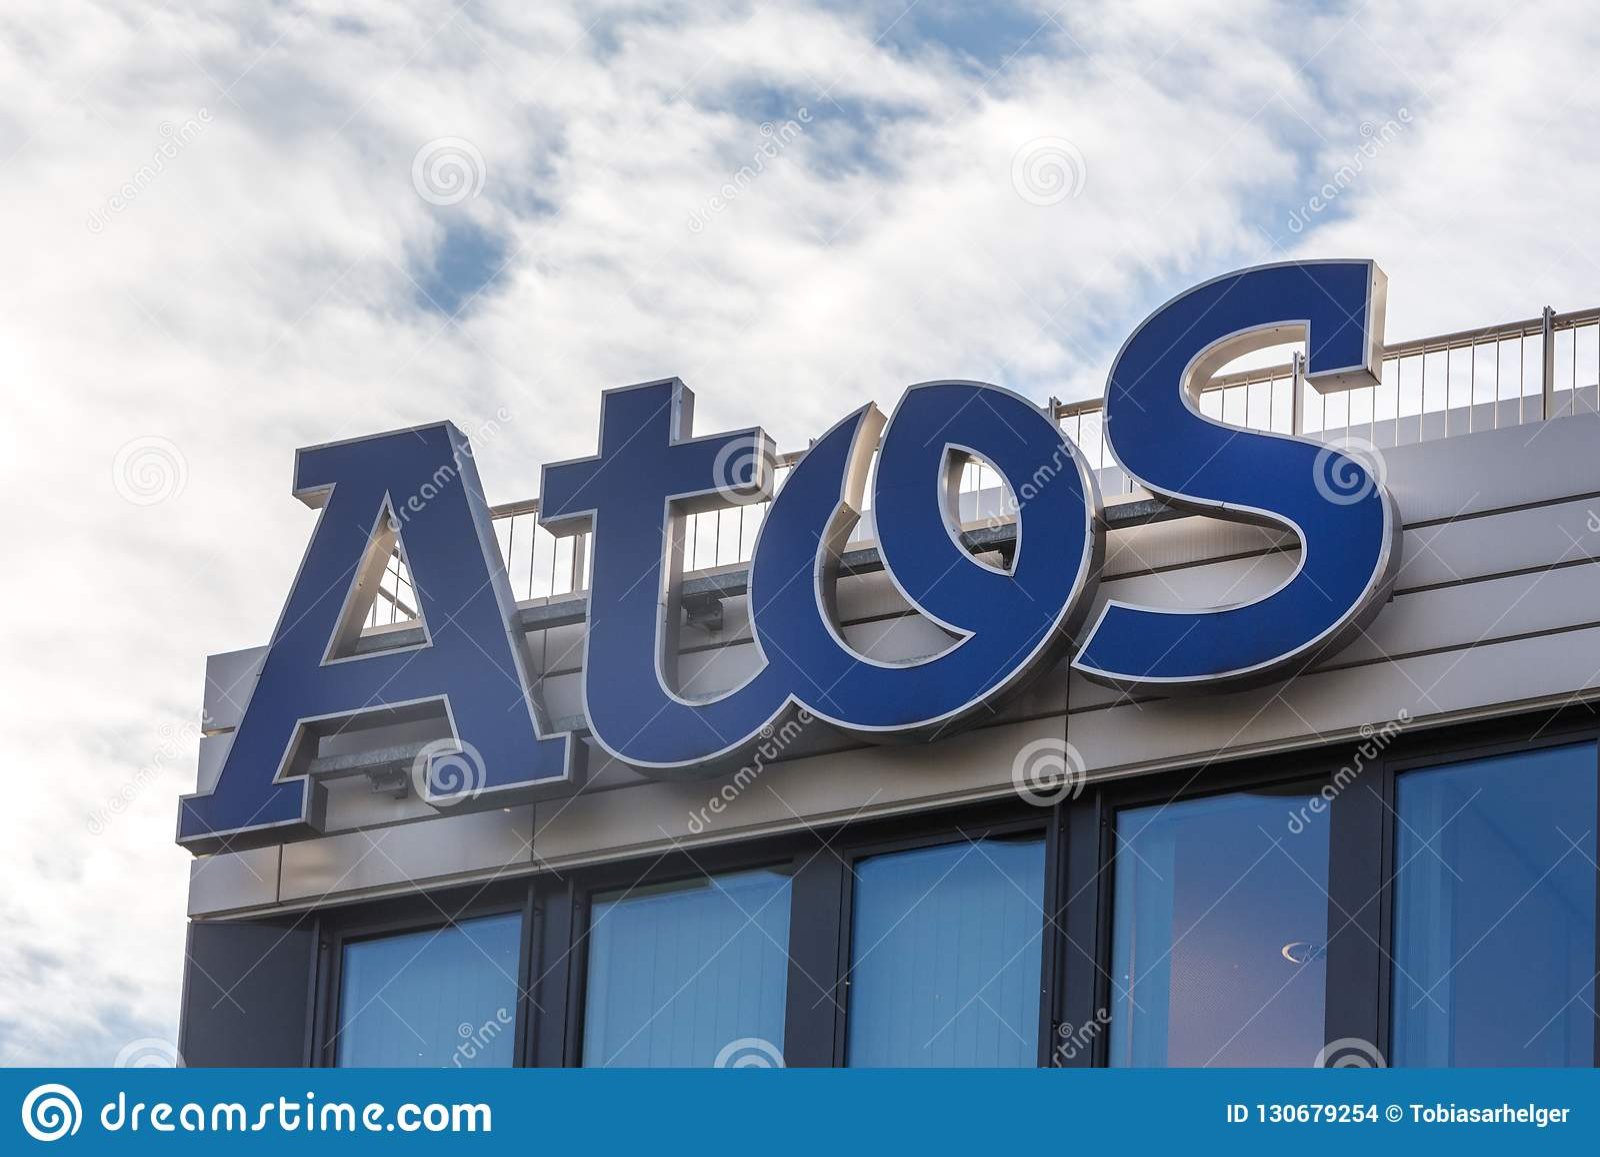 Έσσεν, North Rhine-Westphalia/Γερμανία - 02 11 18: σημάδι atos σε ένα κτήριο στο Έσσεν Γερμανία